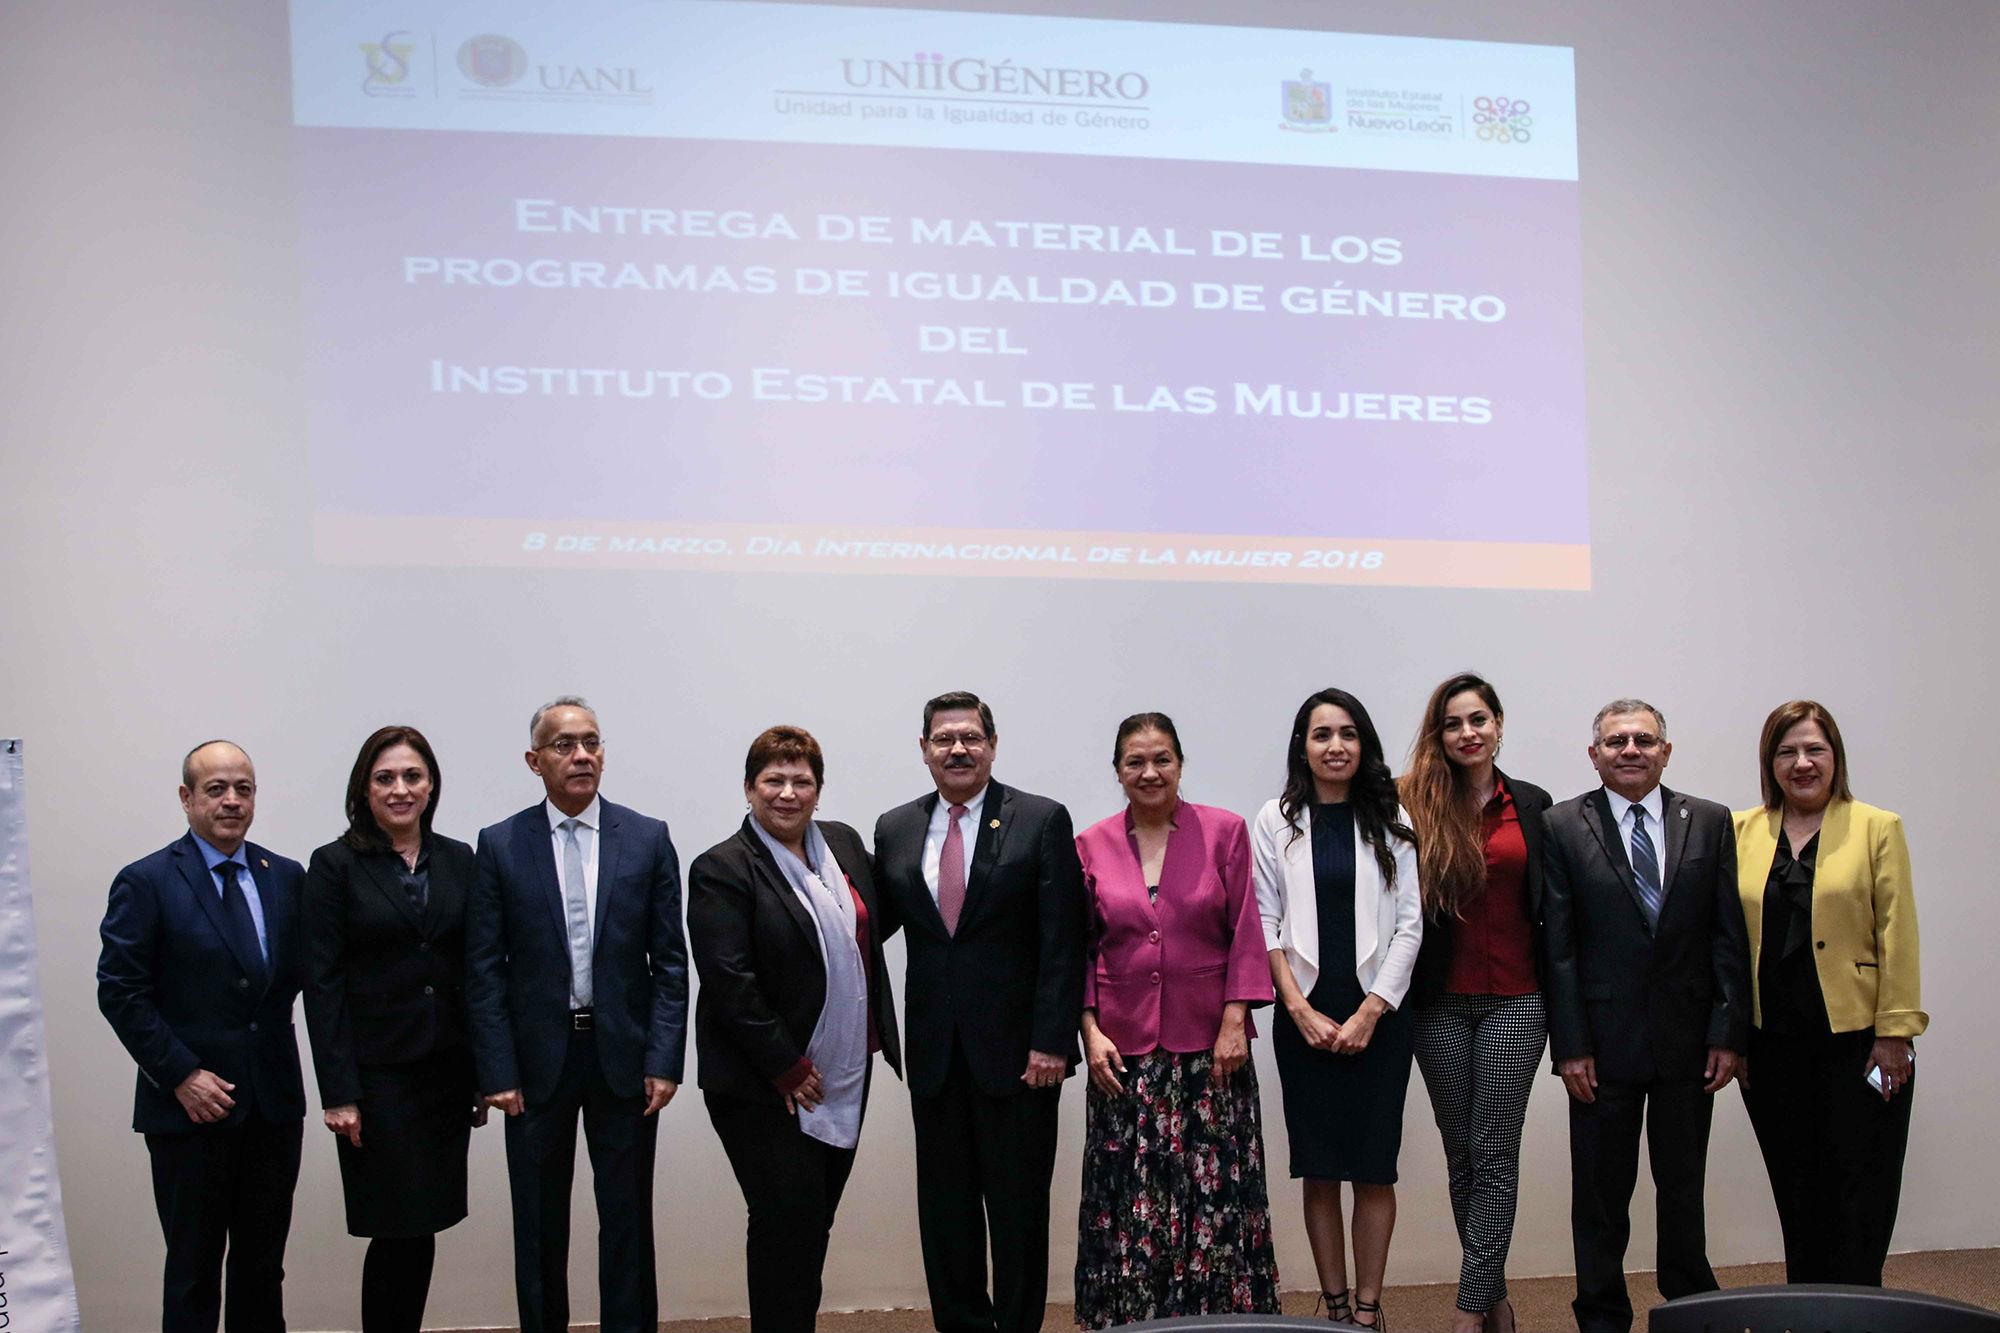 Enlaces de Igualdad de Género en la UANL